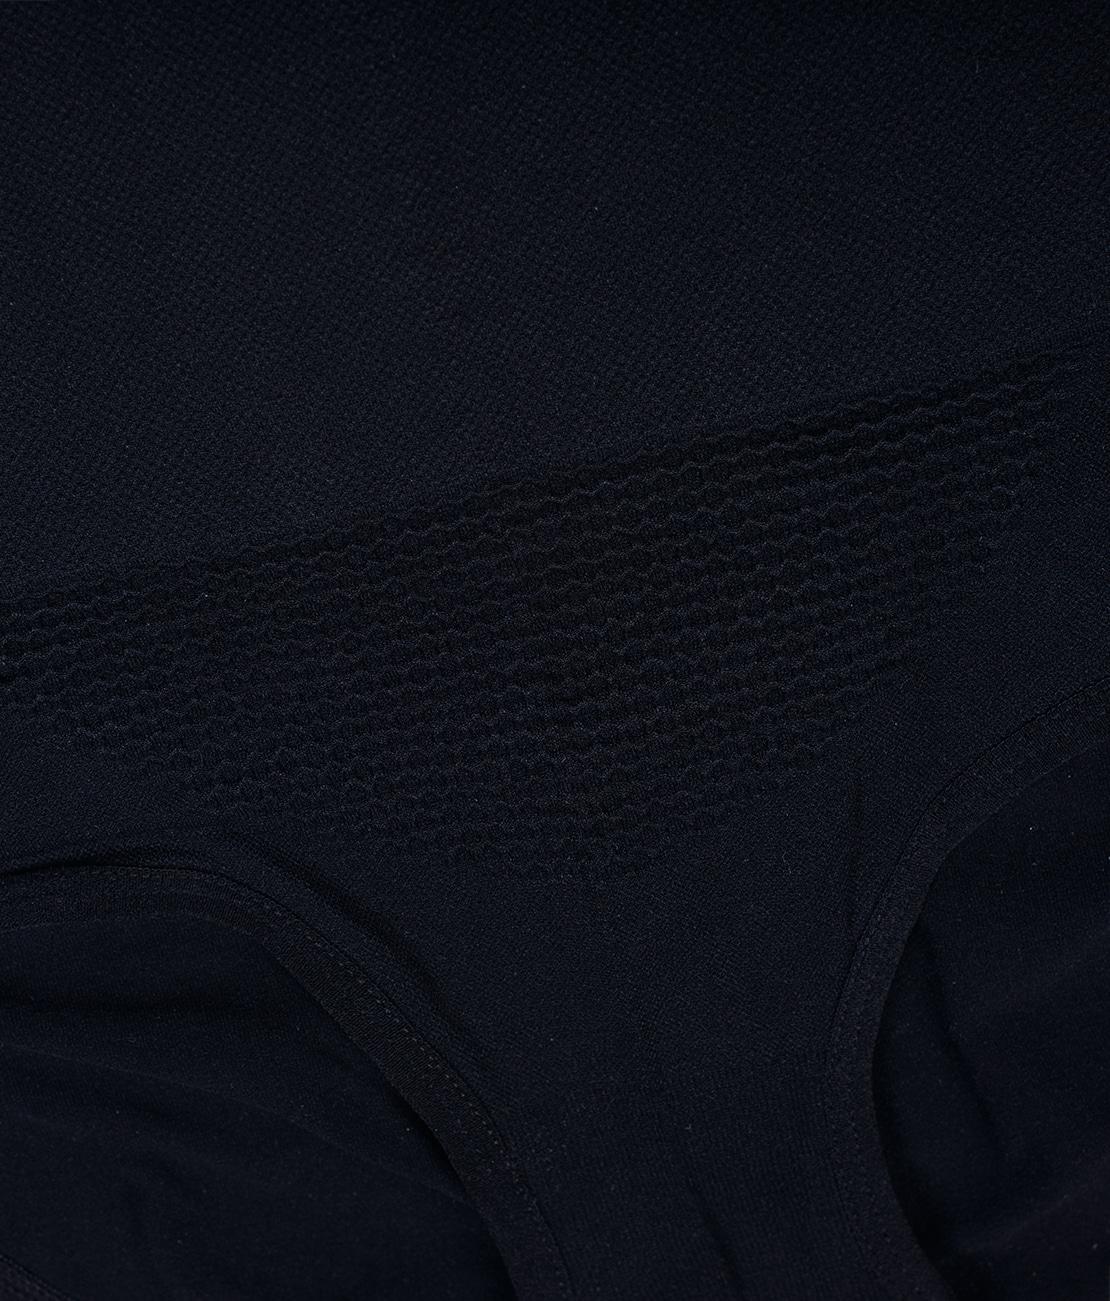 Culotte Taille Haute Noire Packshot Detail 2